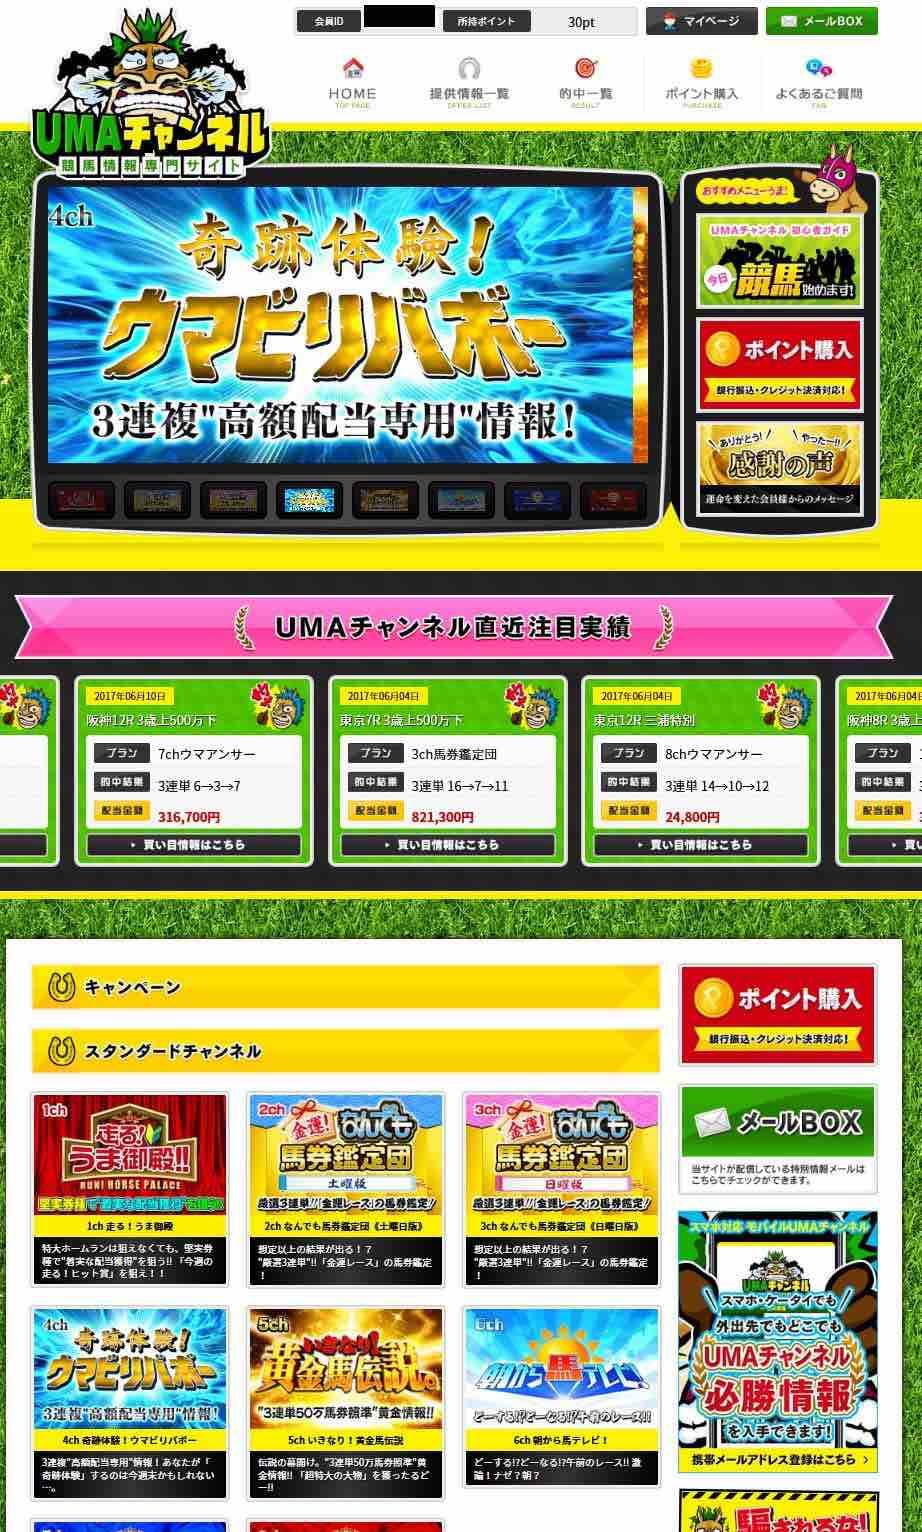 UMAチャンネルのTV番組をパロディー化したデザイン